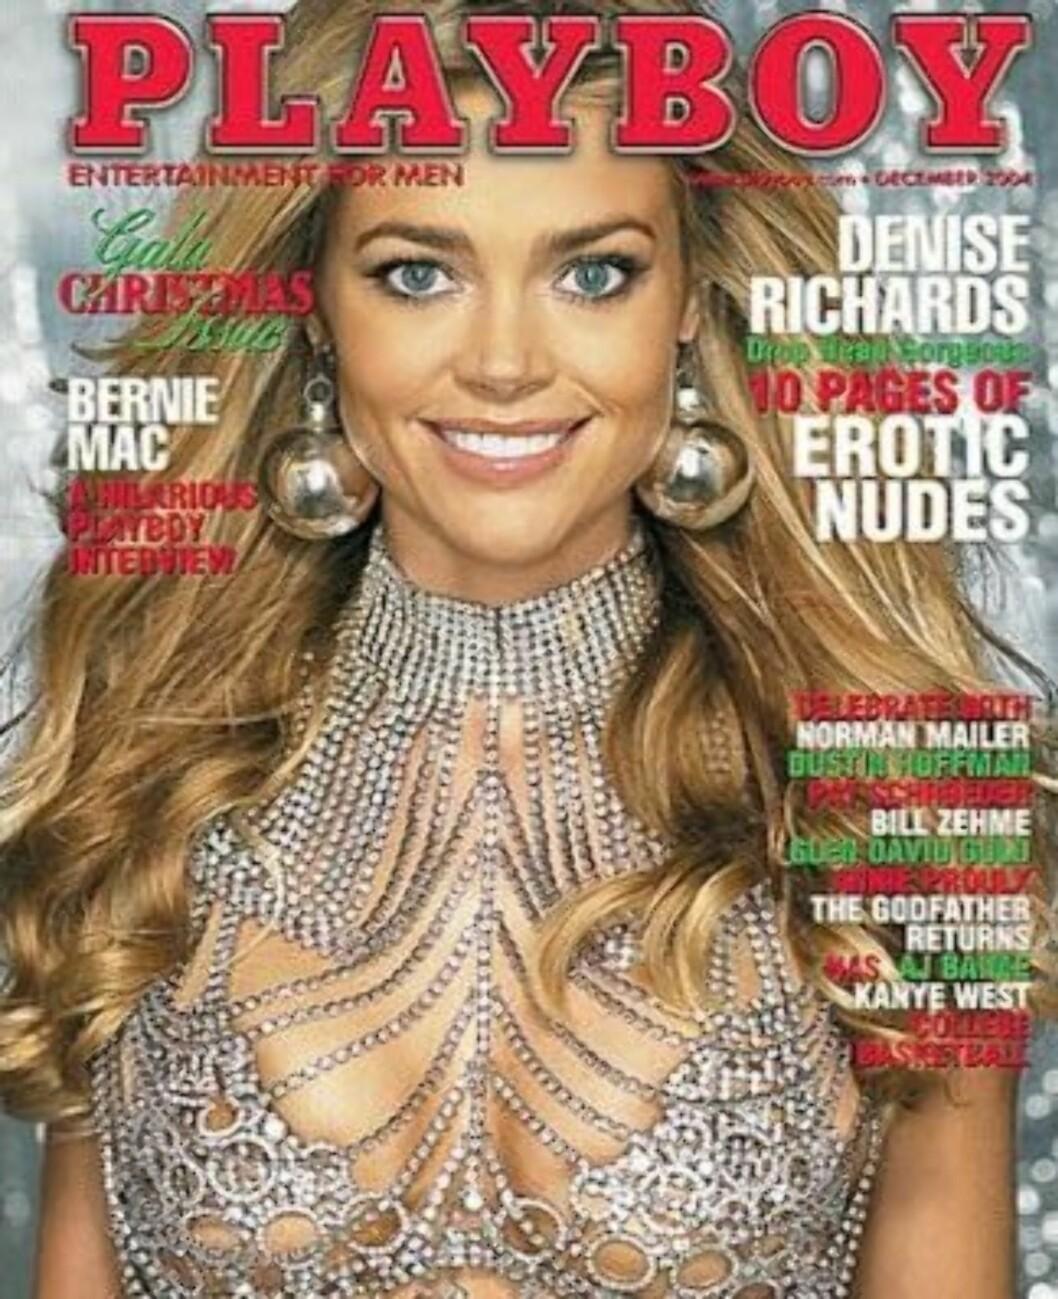 SVIMLENDE SUM: Skuespiller Denise Richards er en av Hollywood-kjendisene som har fått mest utbetalt for å stille opp lettkledd for Playboy. I 2004 fikk hun 12 millioner for denne forsiden. Foto: Faksimile